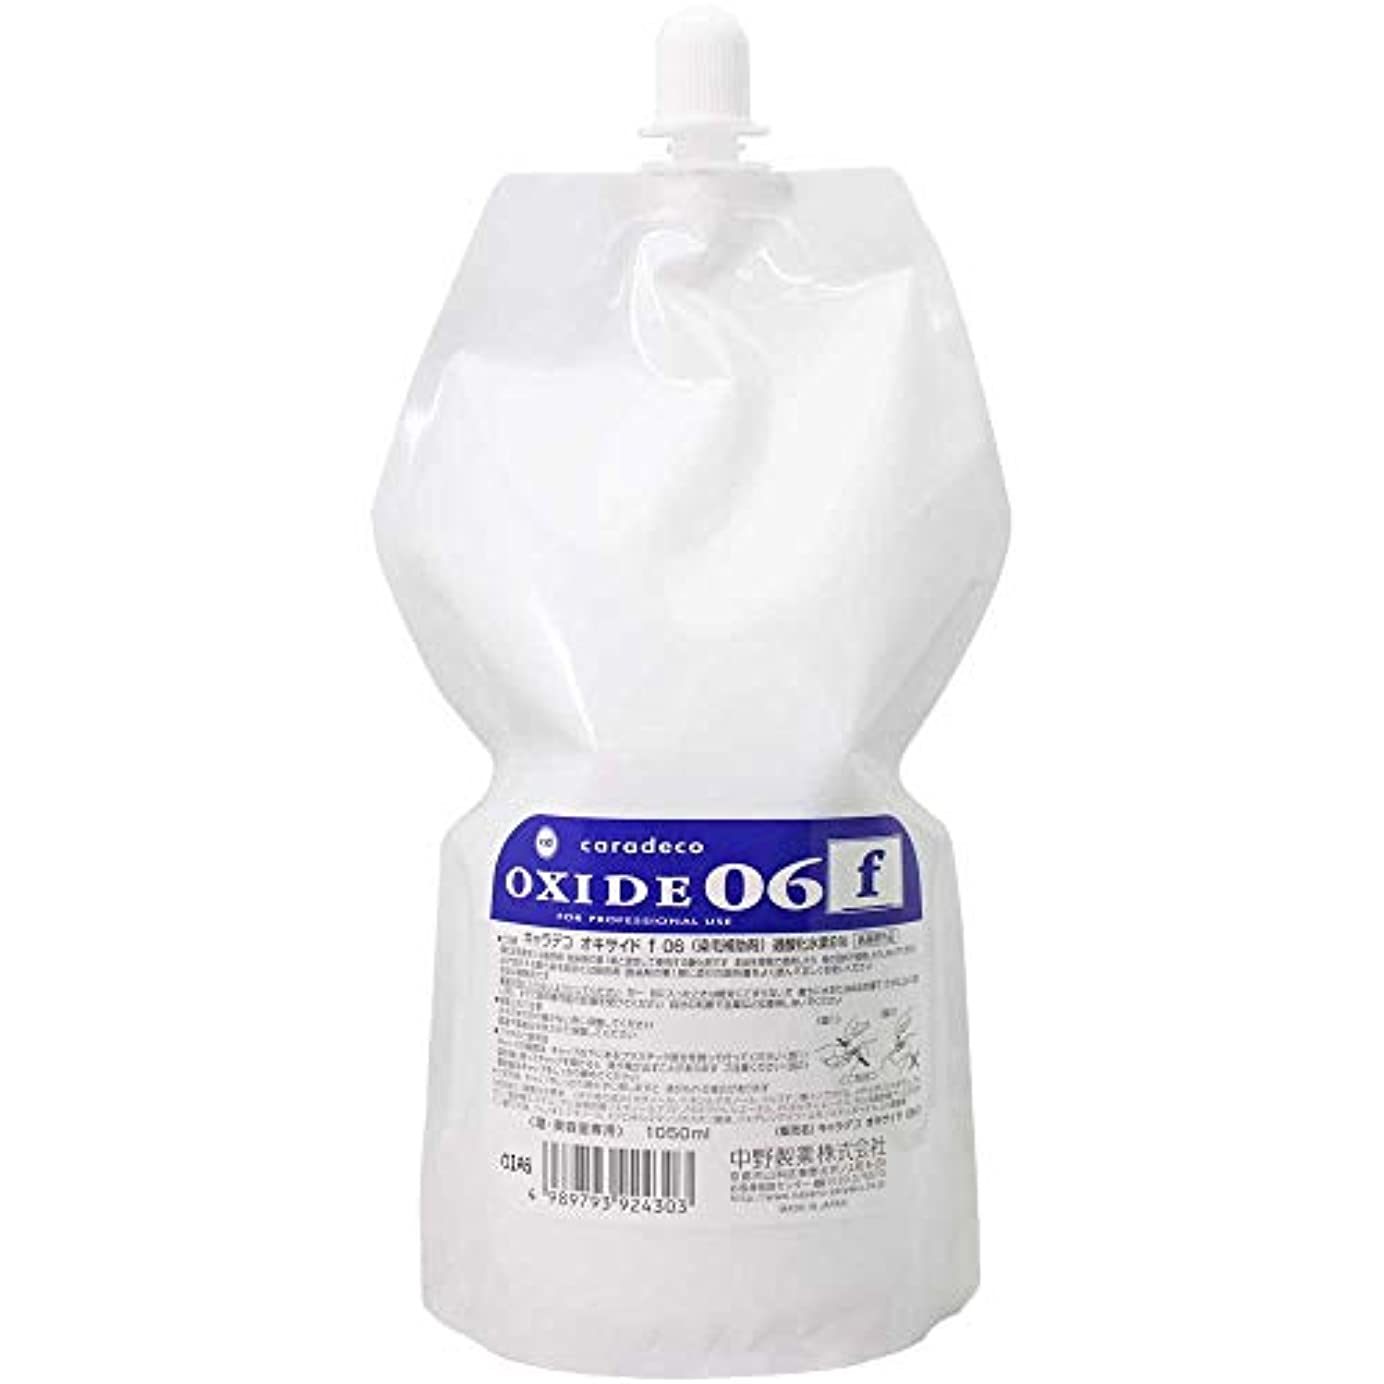 いつもアーチポジション【ナカノ】キャラデコ オキサイドf 06 第2剤 (過酸化水素6%) 1050ml